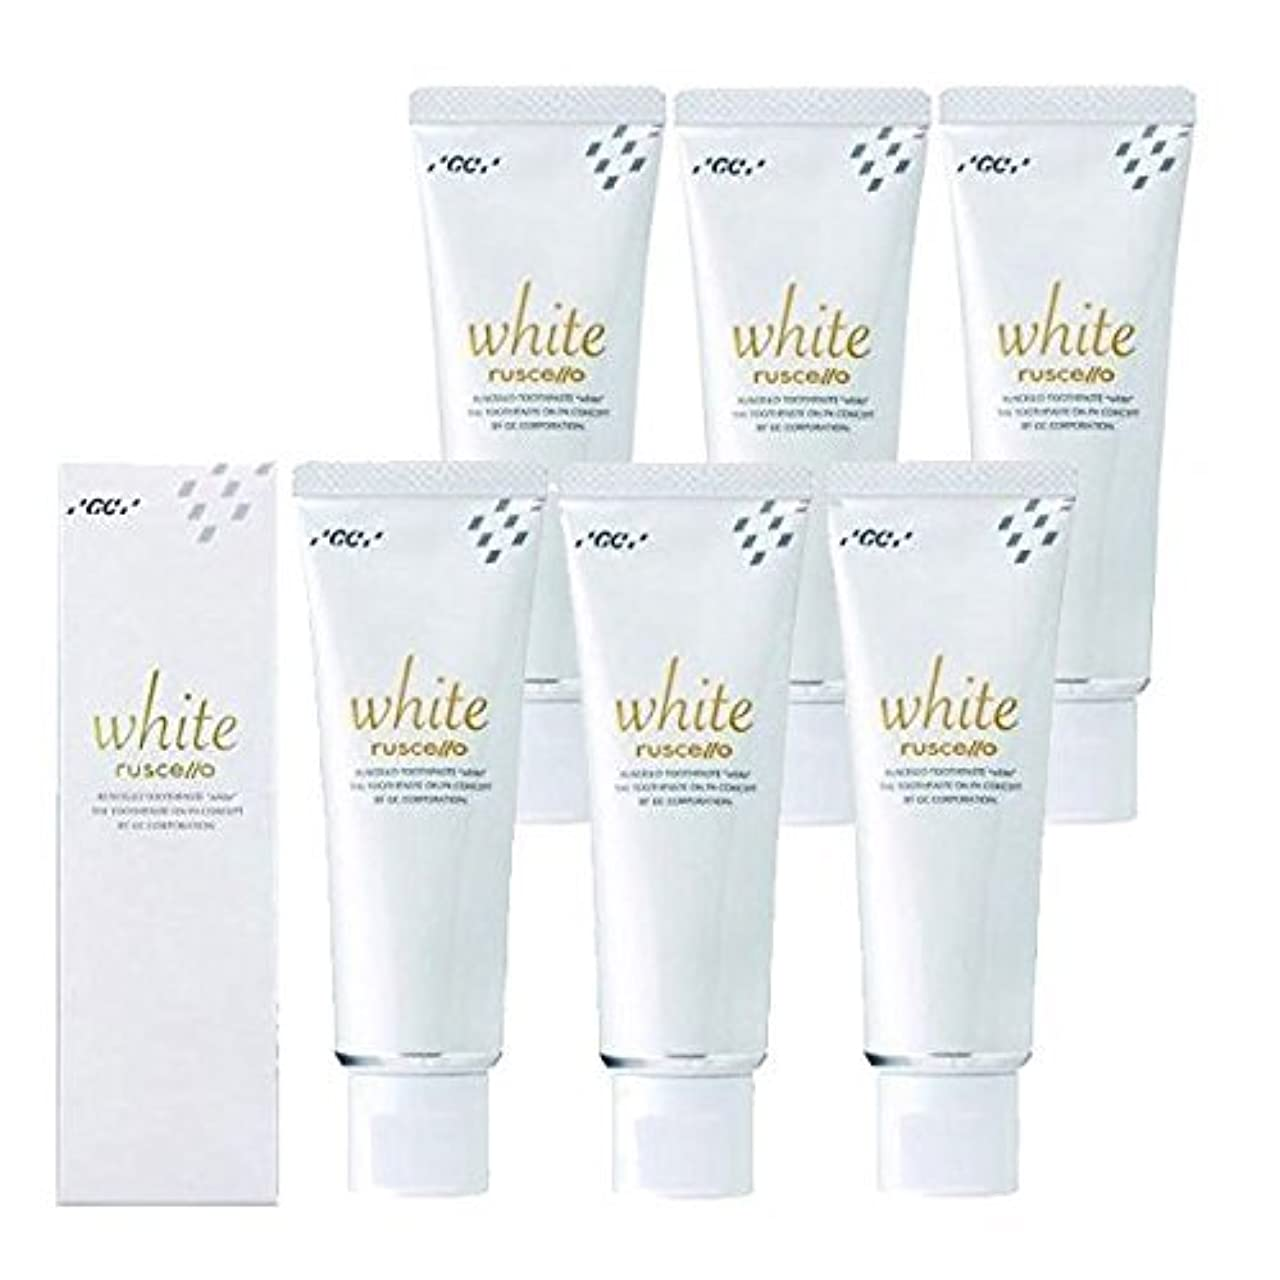 防衛何か耐えるルシェロ歯磨きペースト ホワイト 100g×6本 ホワイトニング 歯磨き粉 歯科専売品